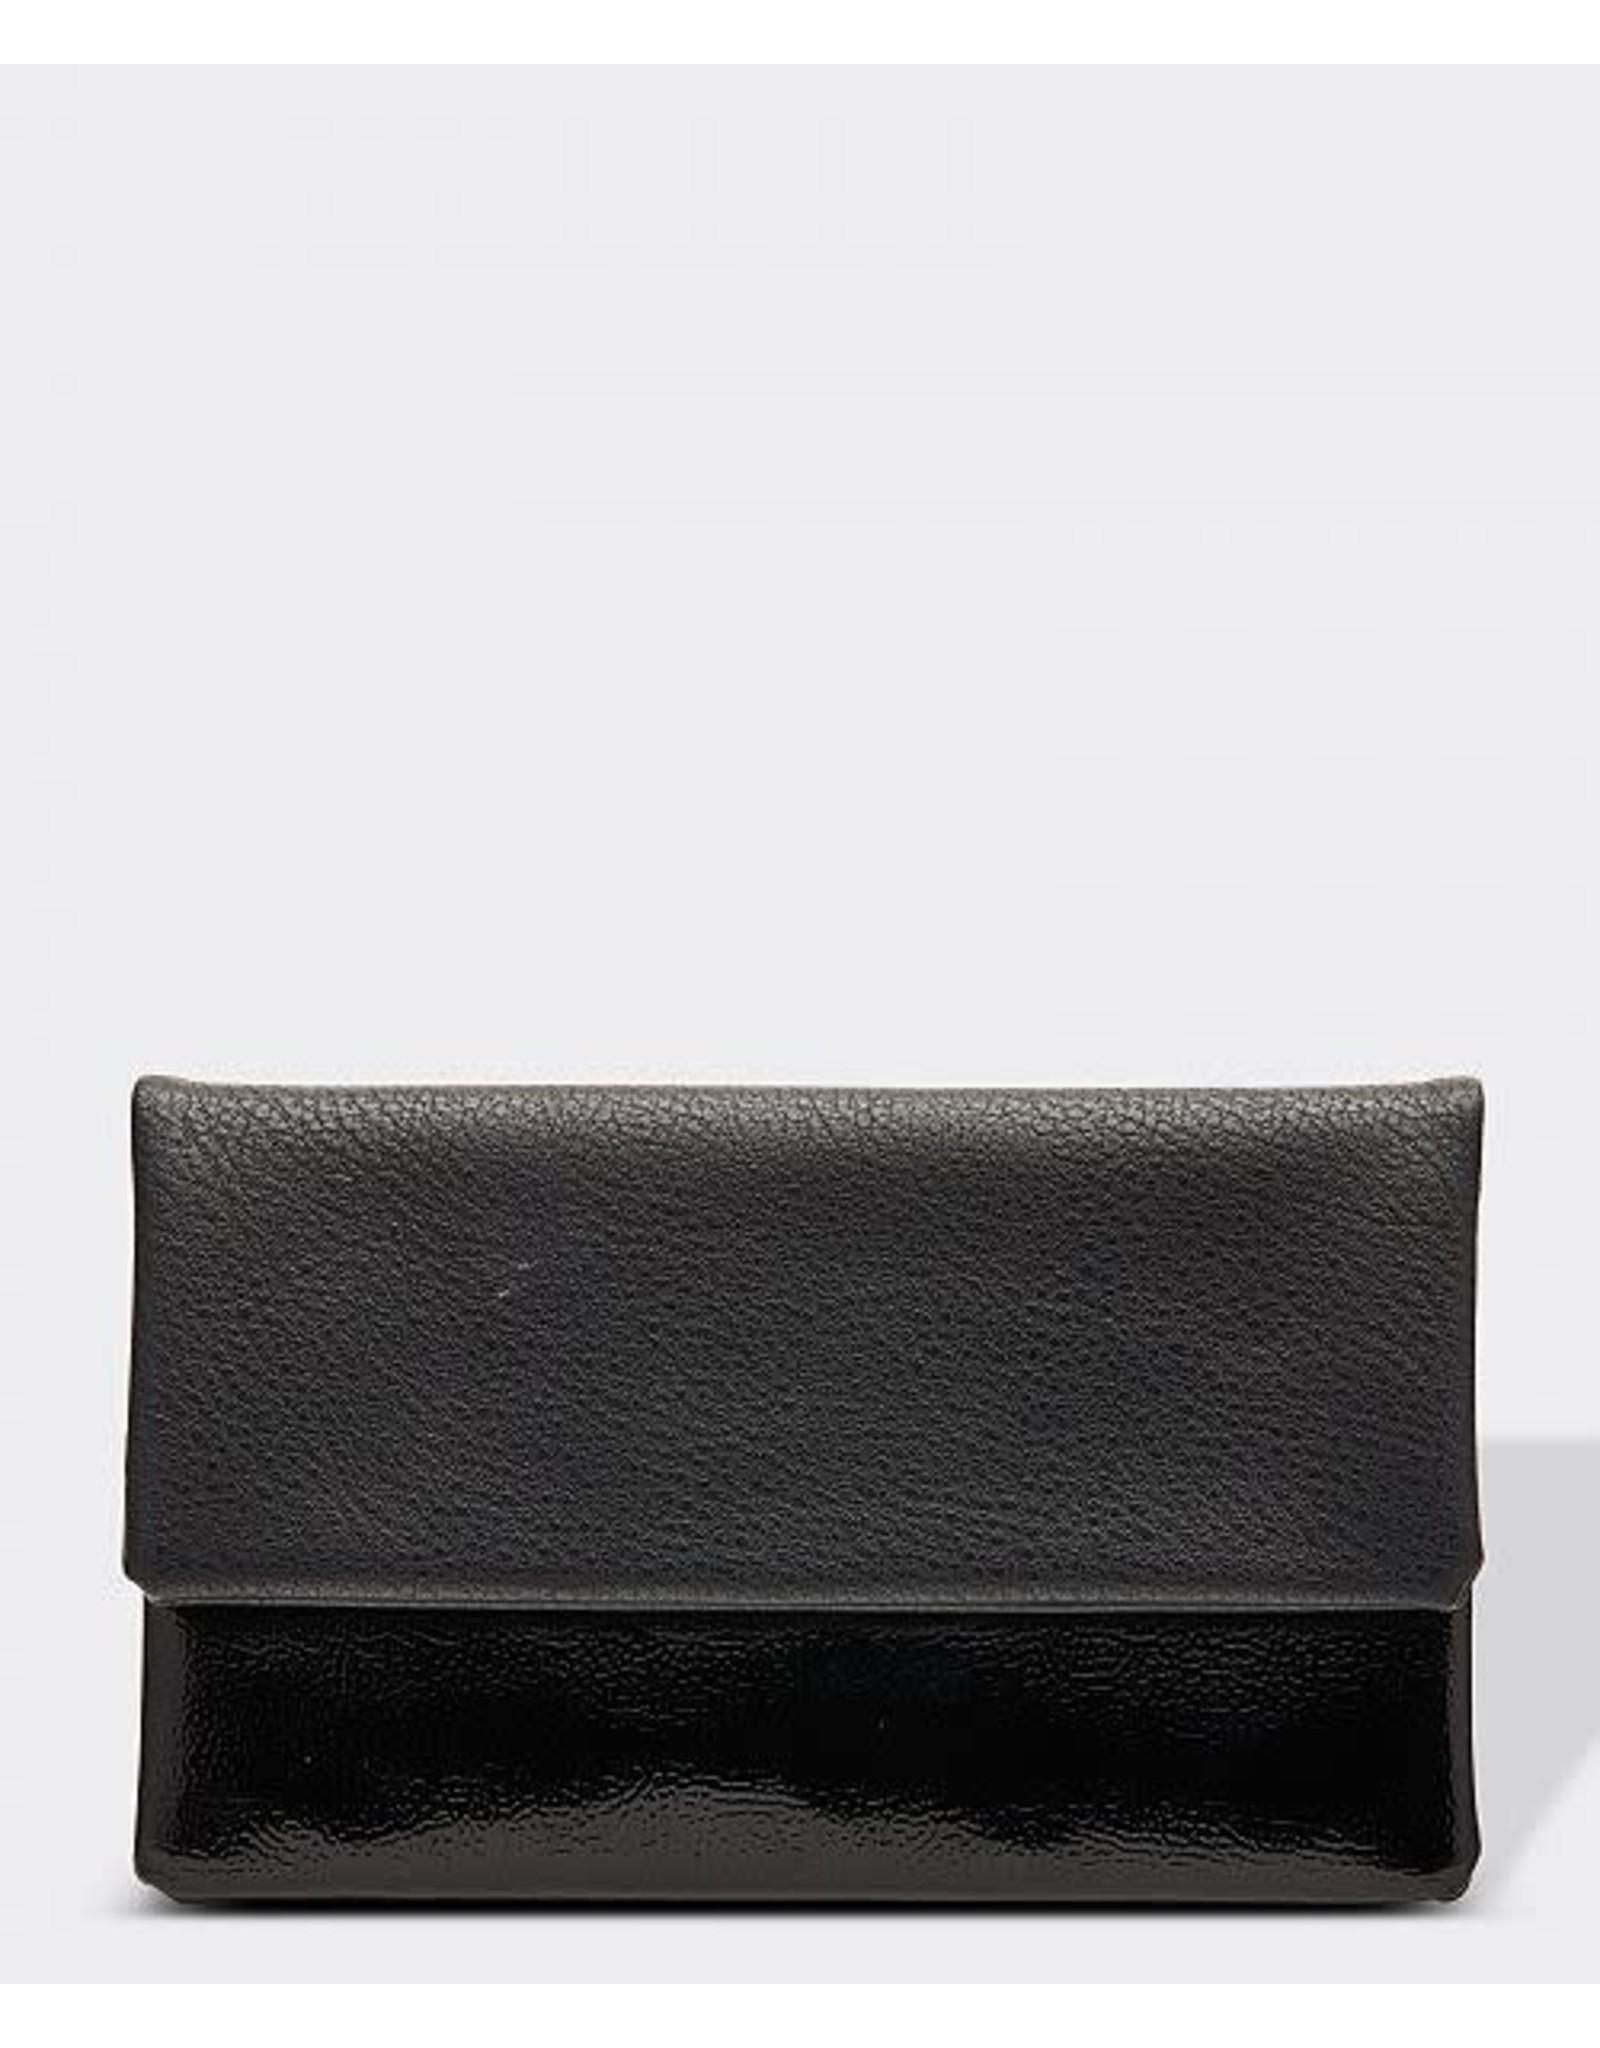 Louenhide Louenhide - Ziggy clutch (patent black)